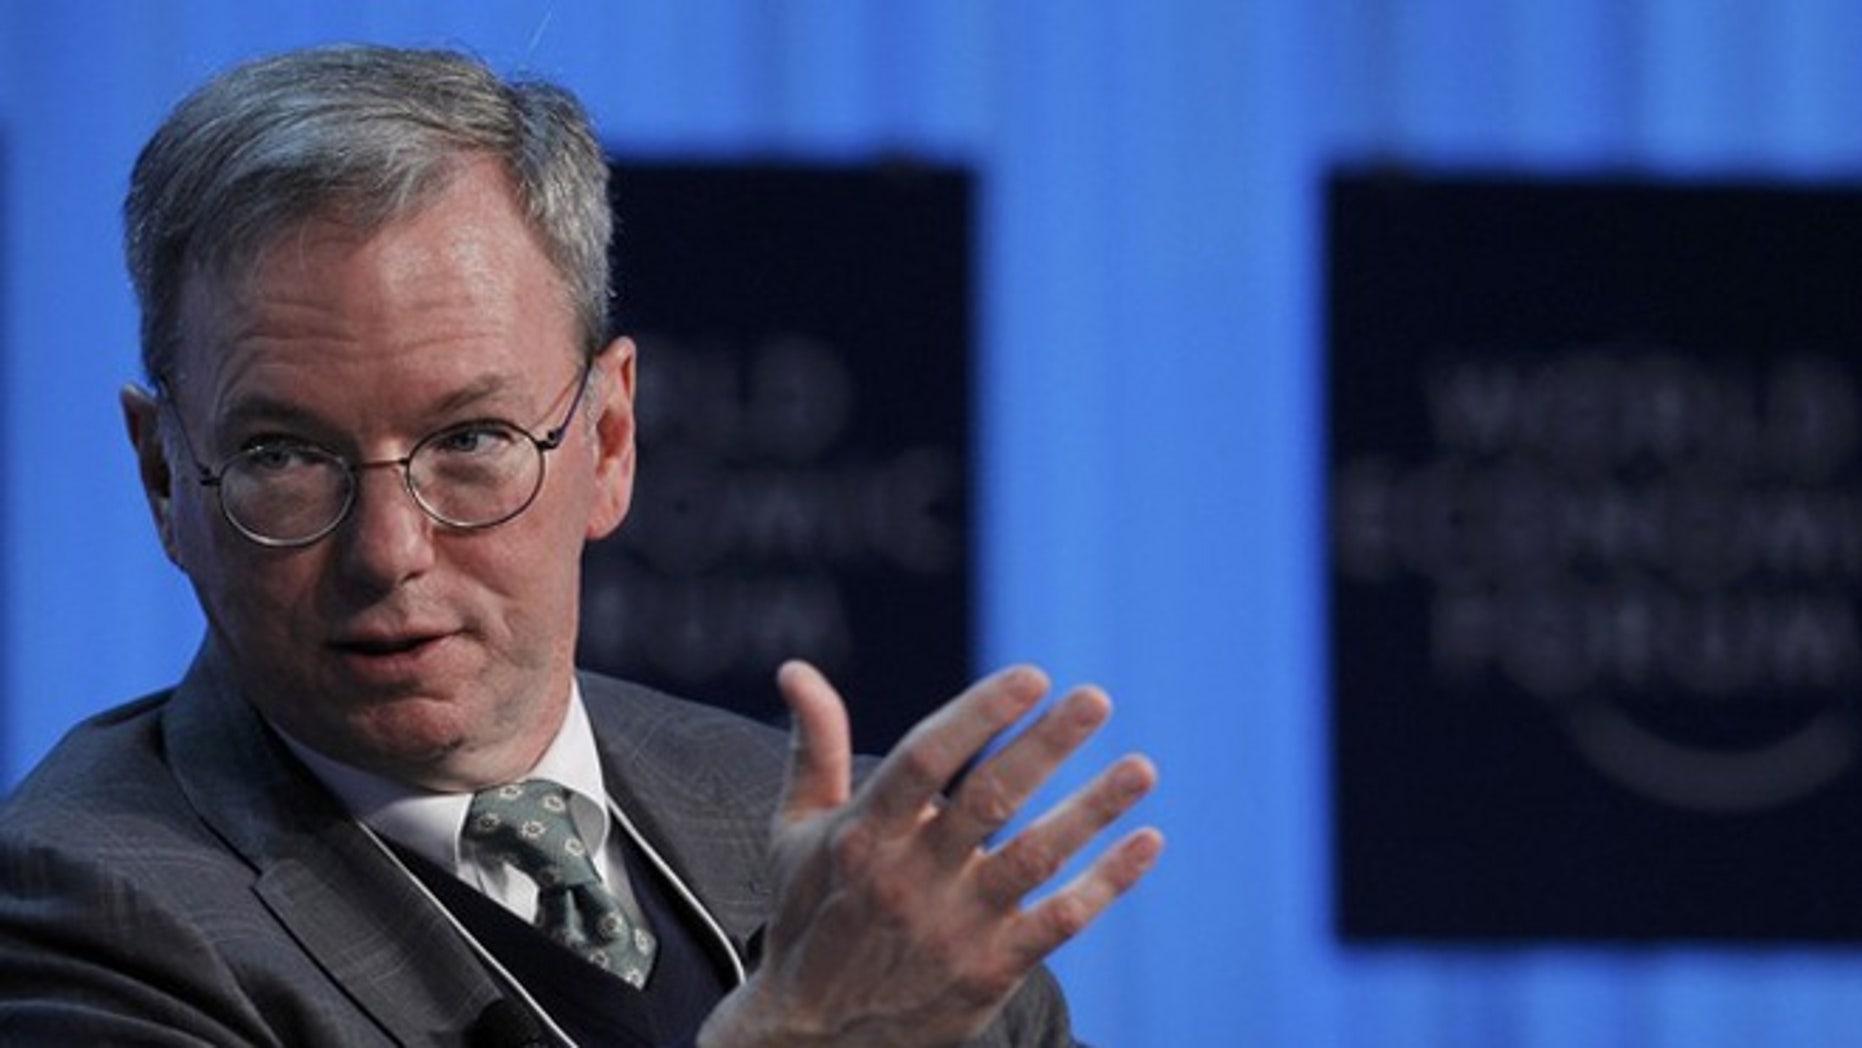 Google chairman Eric Schmidt looks to appease European regulators.